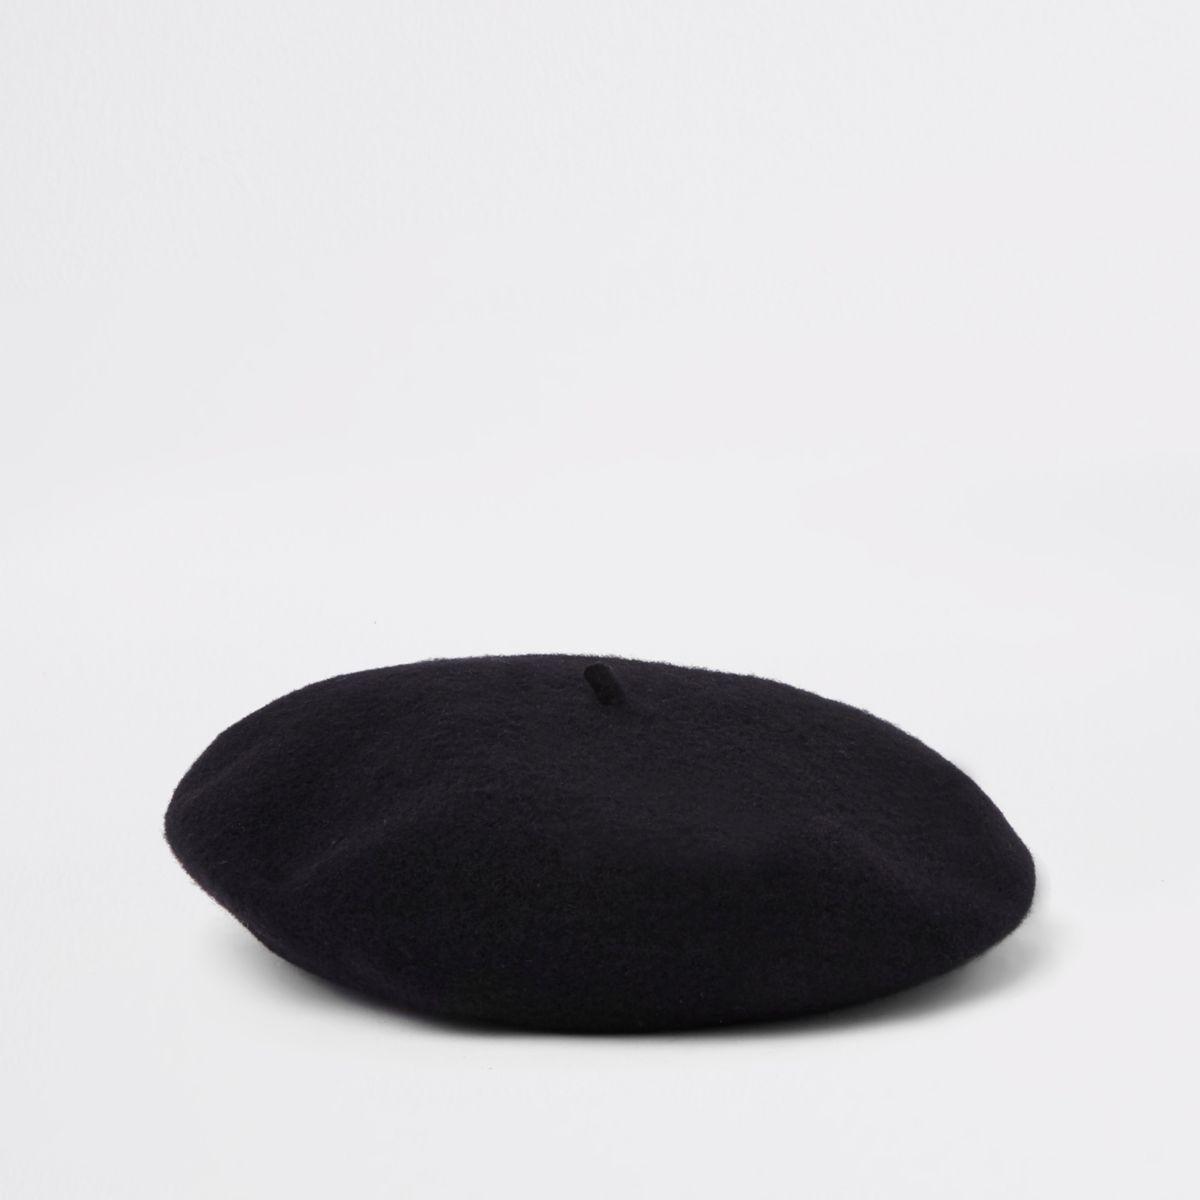 Zwarte fluwelen gebreide baret